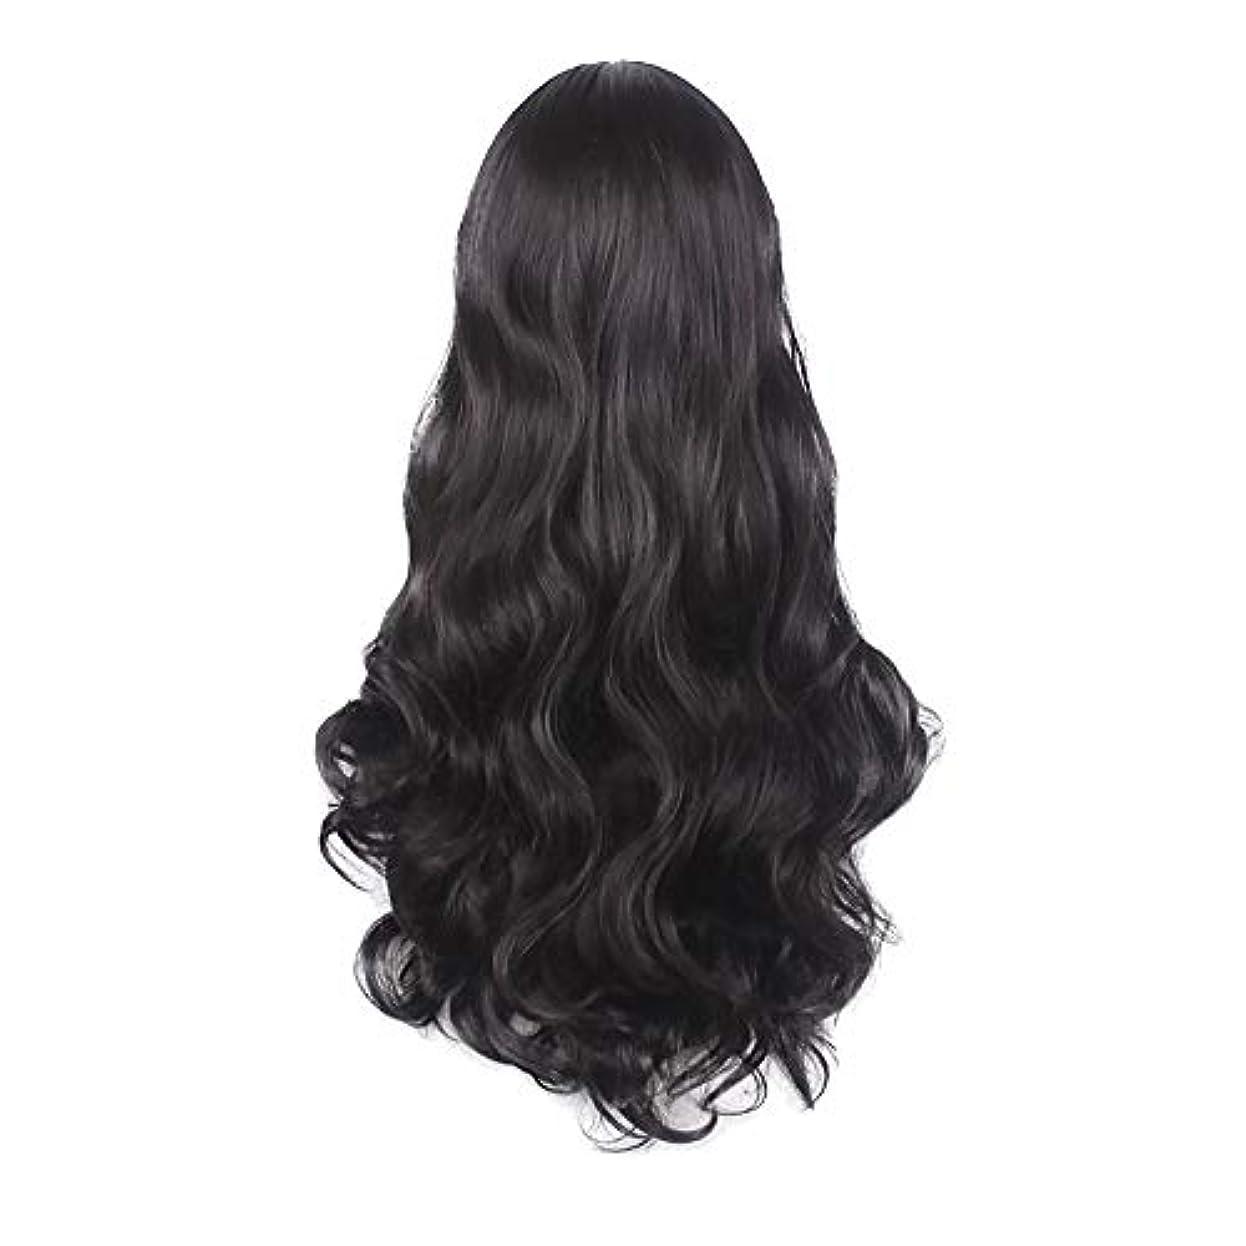 孤児モノグラフ茎女性の黒の長い波状の巻き毛のかつらパーティーCOS小道具かつらをかつら